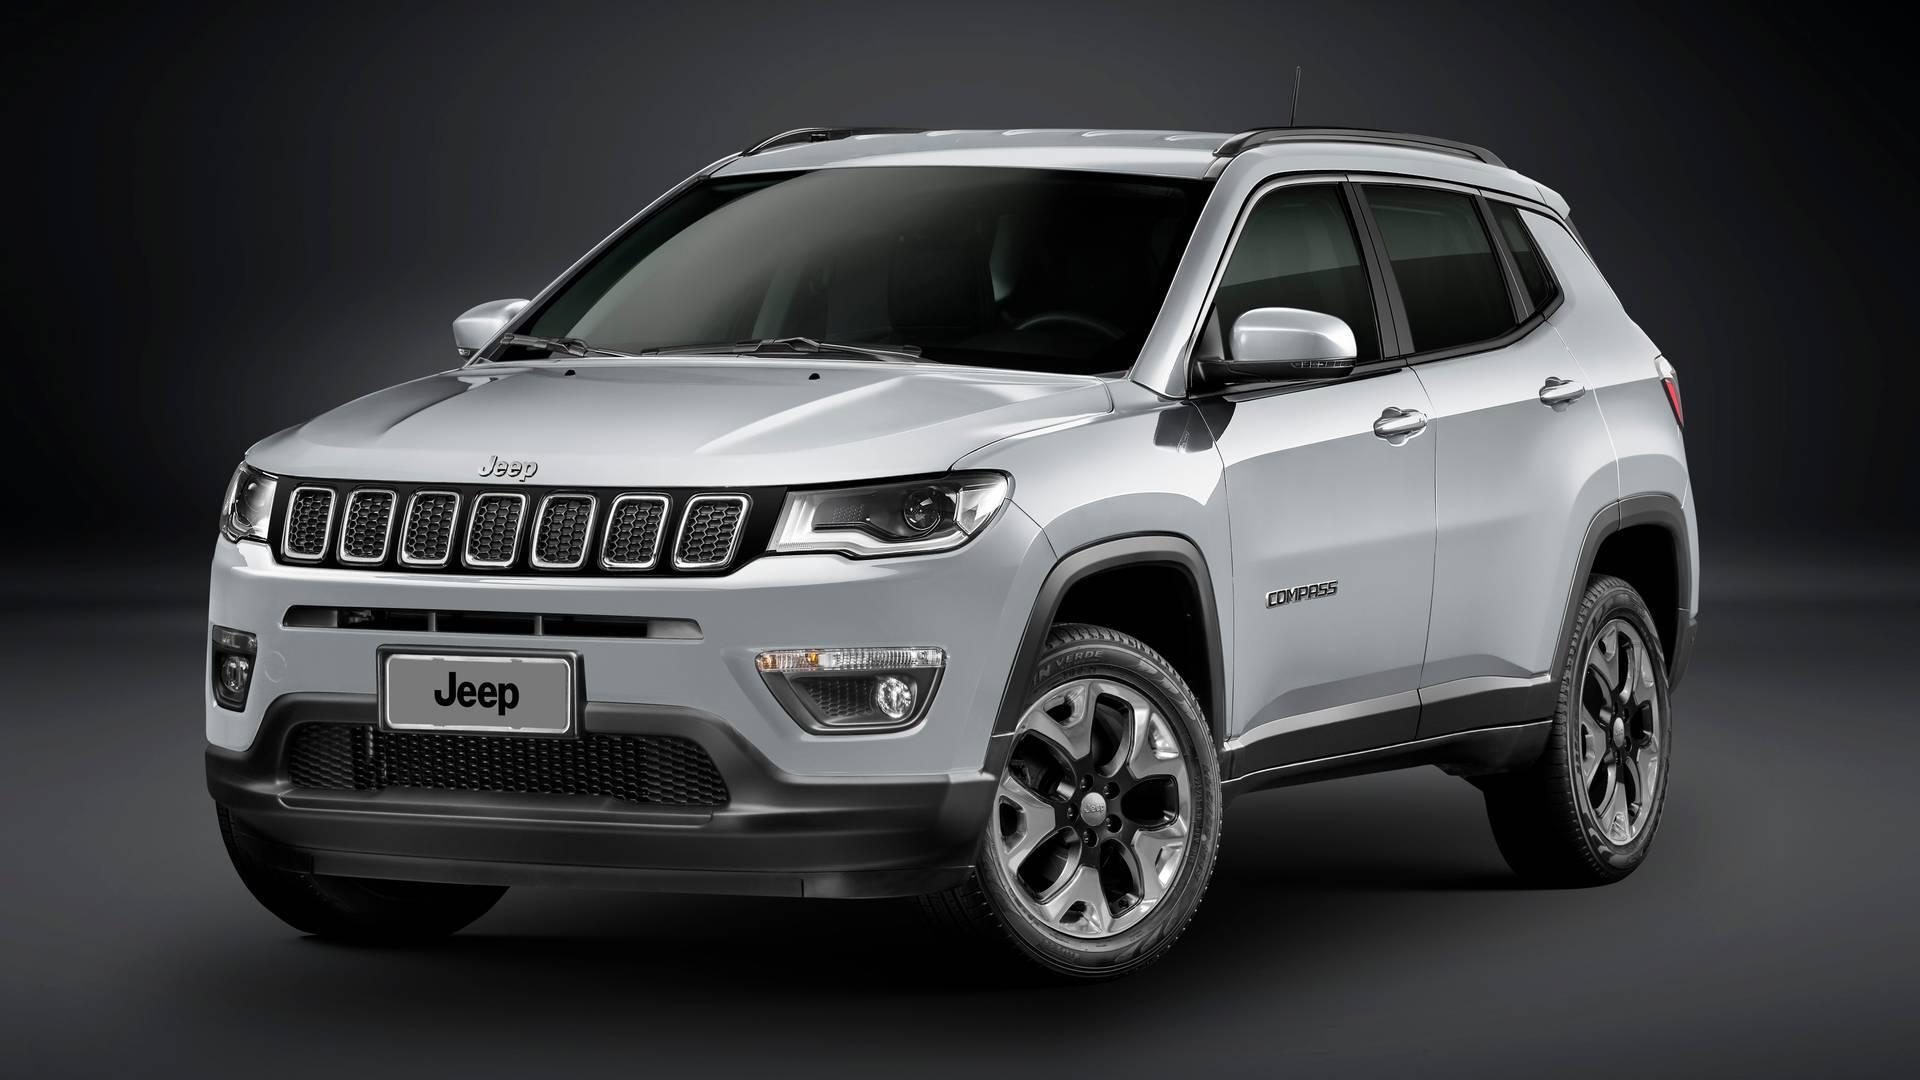 Jeep Compass 2019. Foto: Divulgação